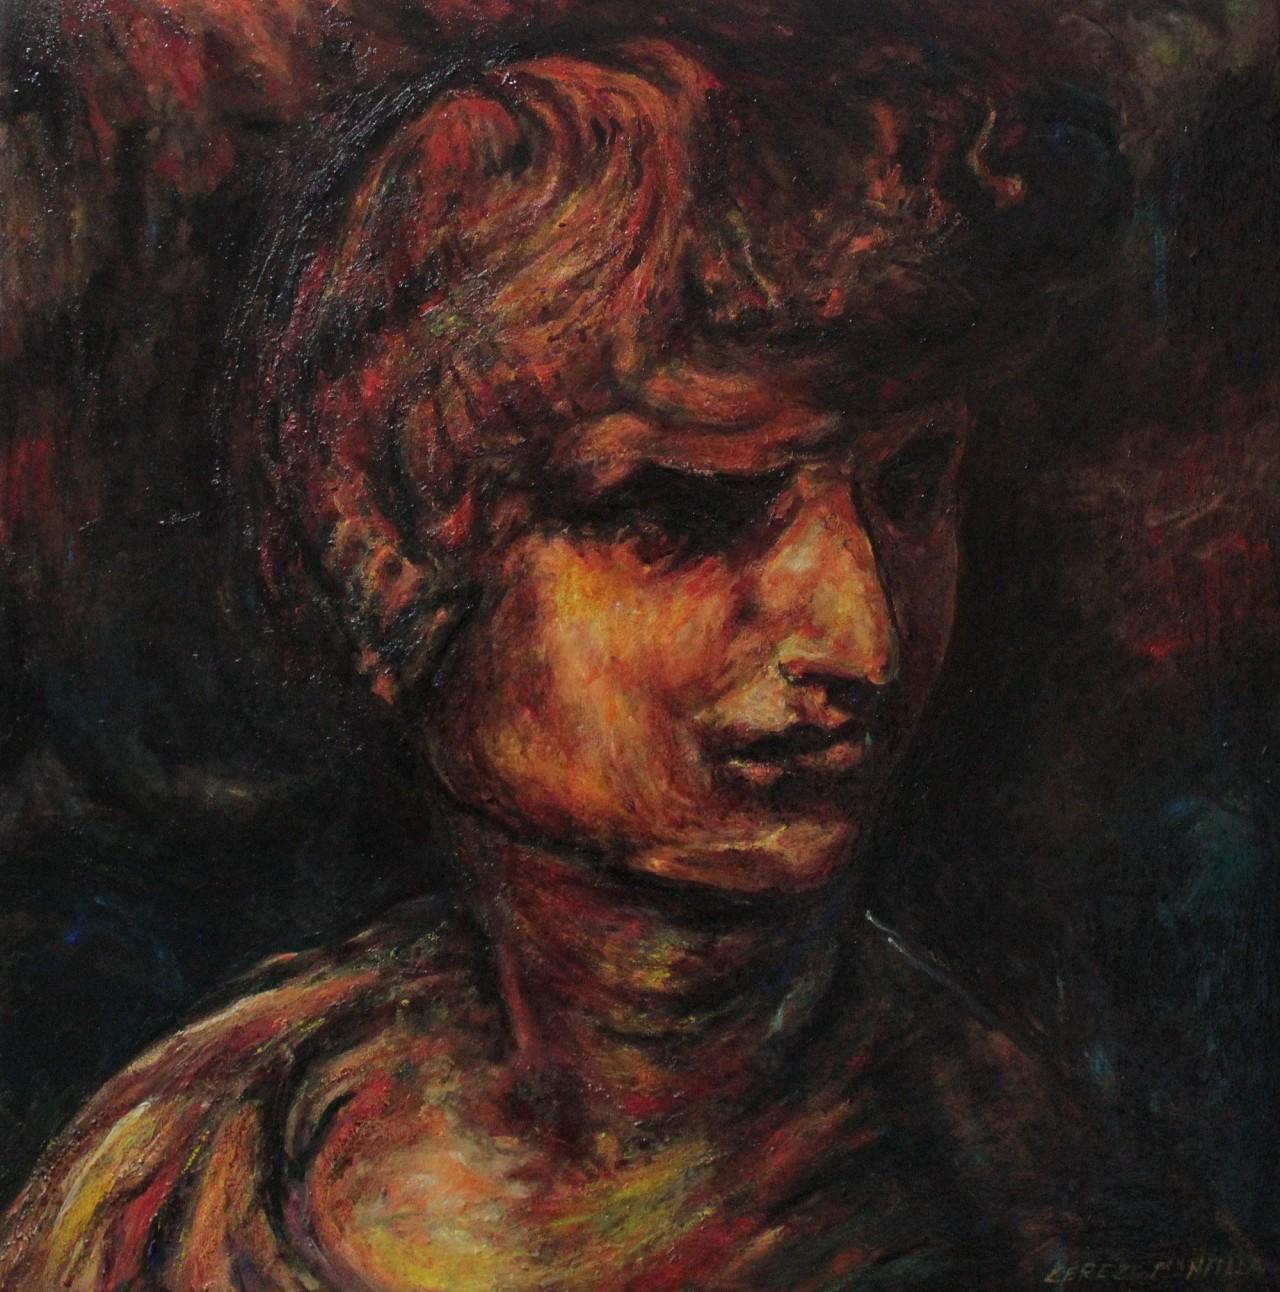 Leo Aureus Flames - Cerezo Montilla - compar cuadros modernos, comprar cuadros, cuadros modernos